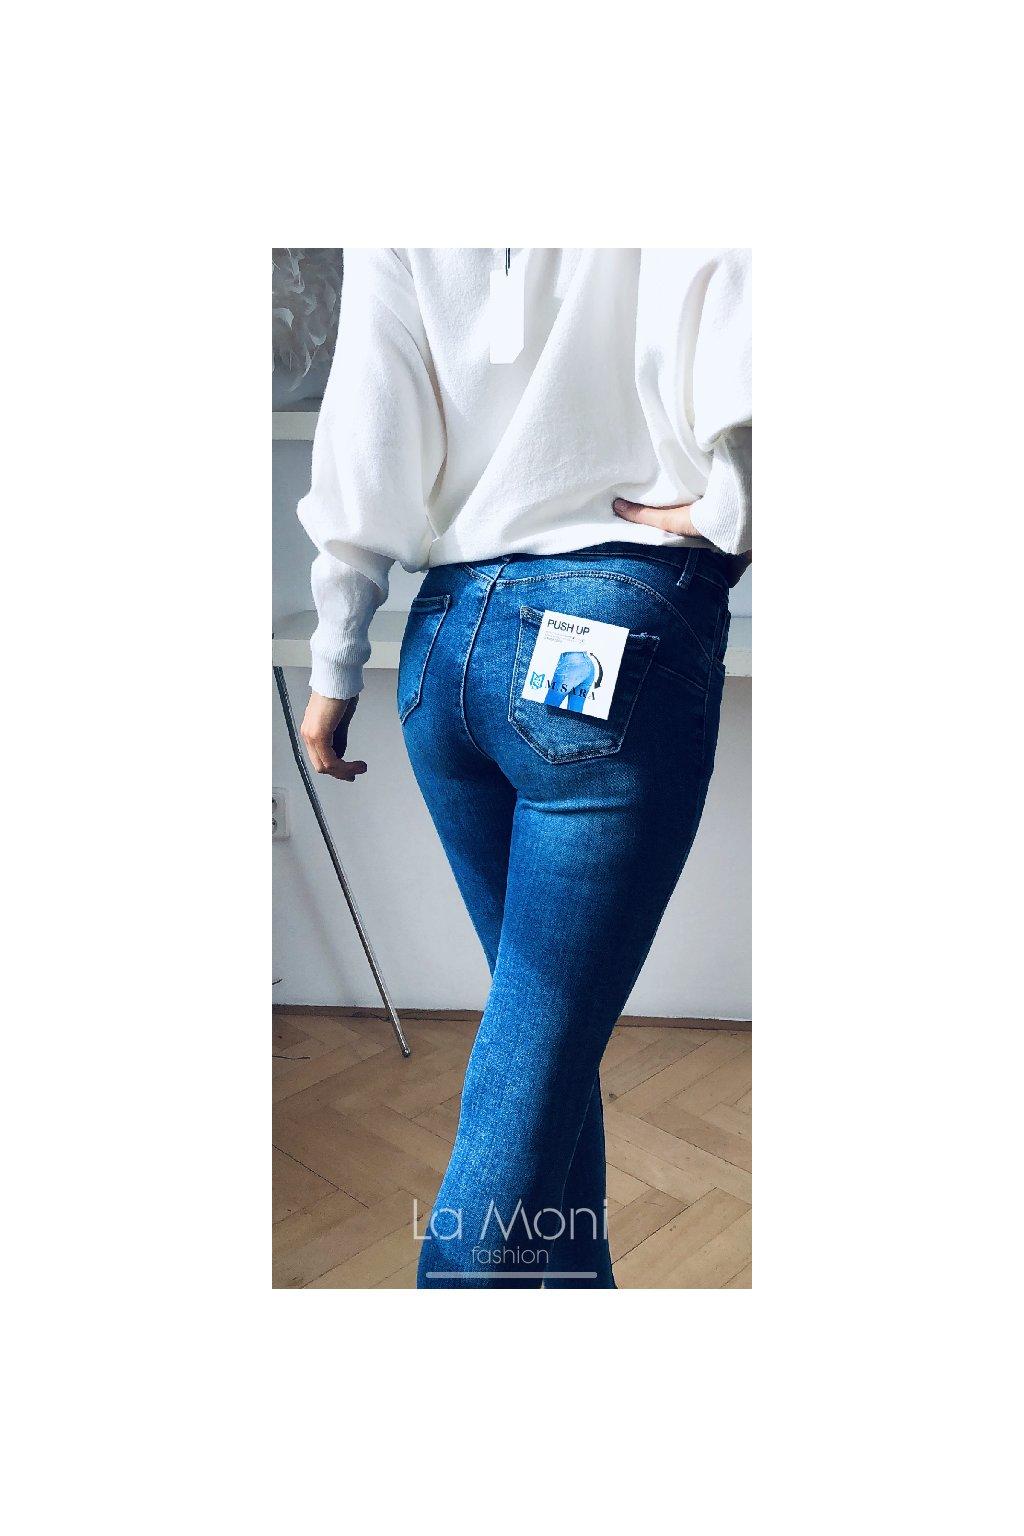 Push up boží džíny